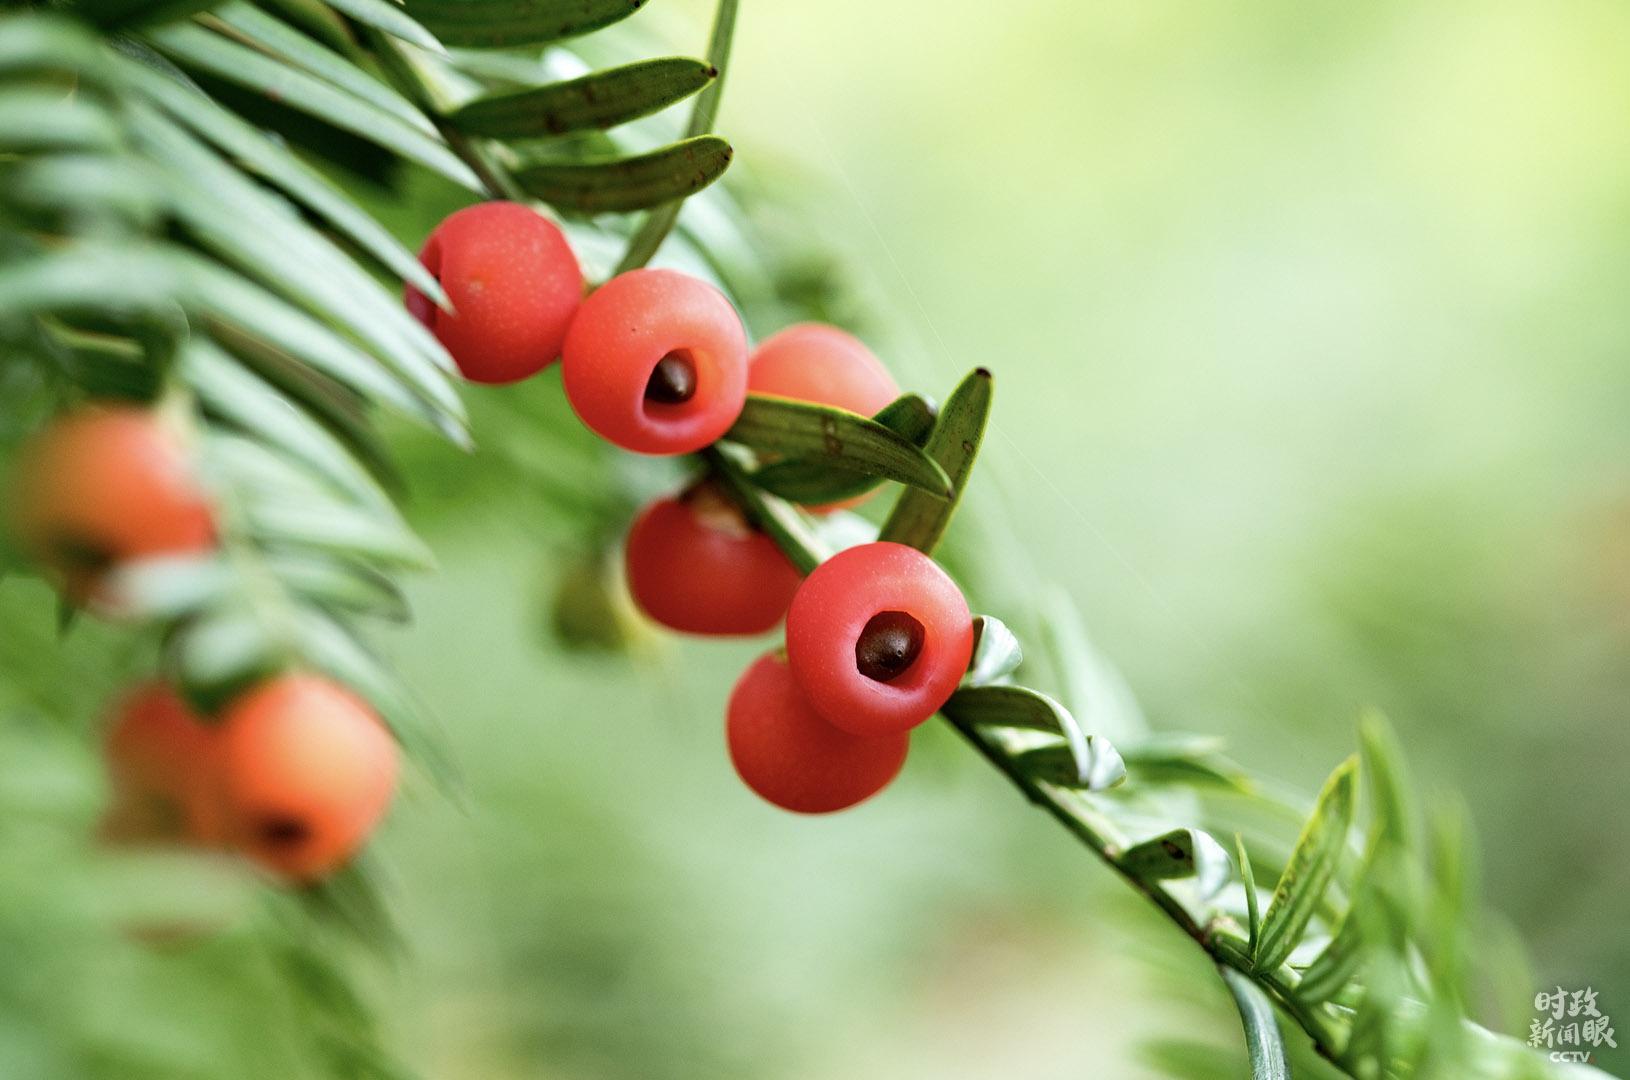 △红豆杉是第四纪冰川遗留下来的陈腐树种,在地球上已有250万年的汗青。1999年,红豆杉被列入国度Ⅰ级珍爱植物。